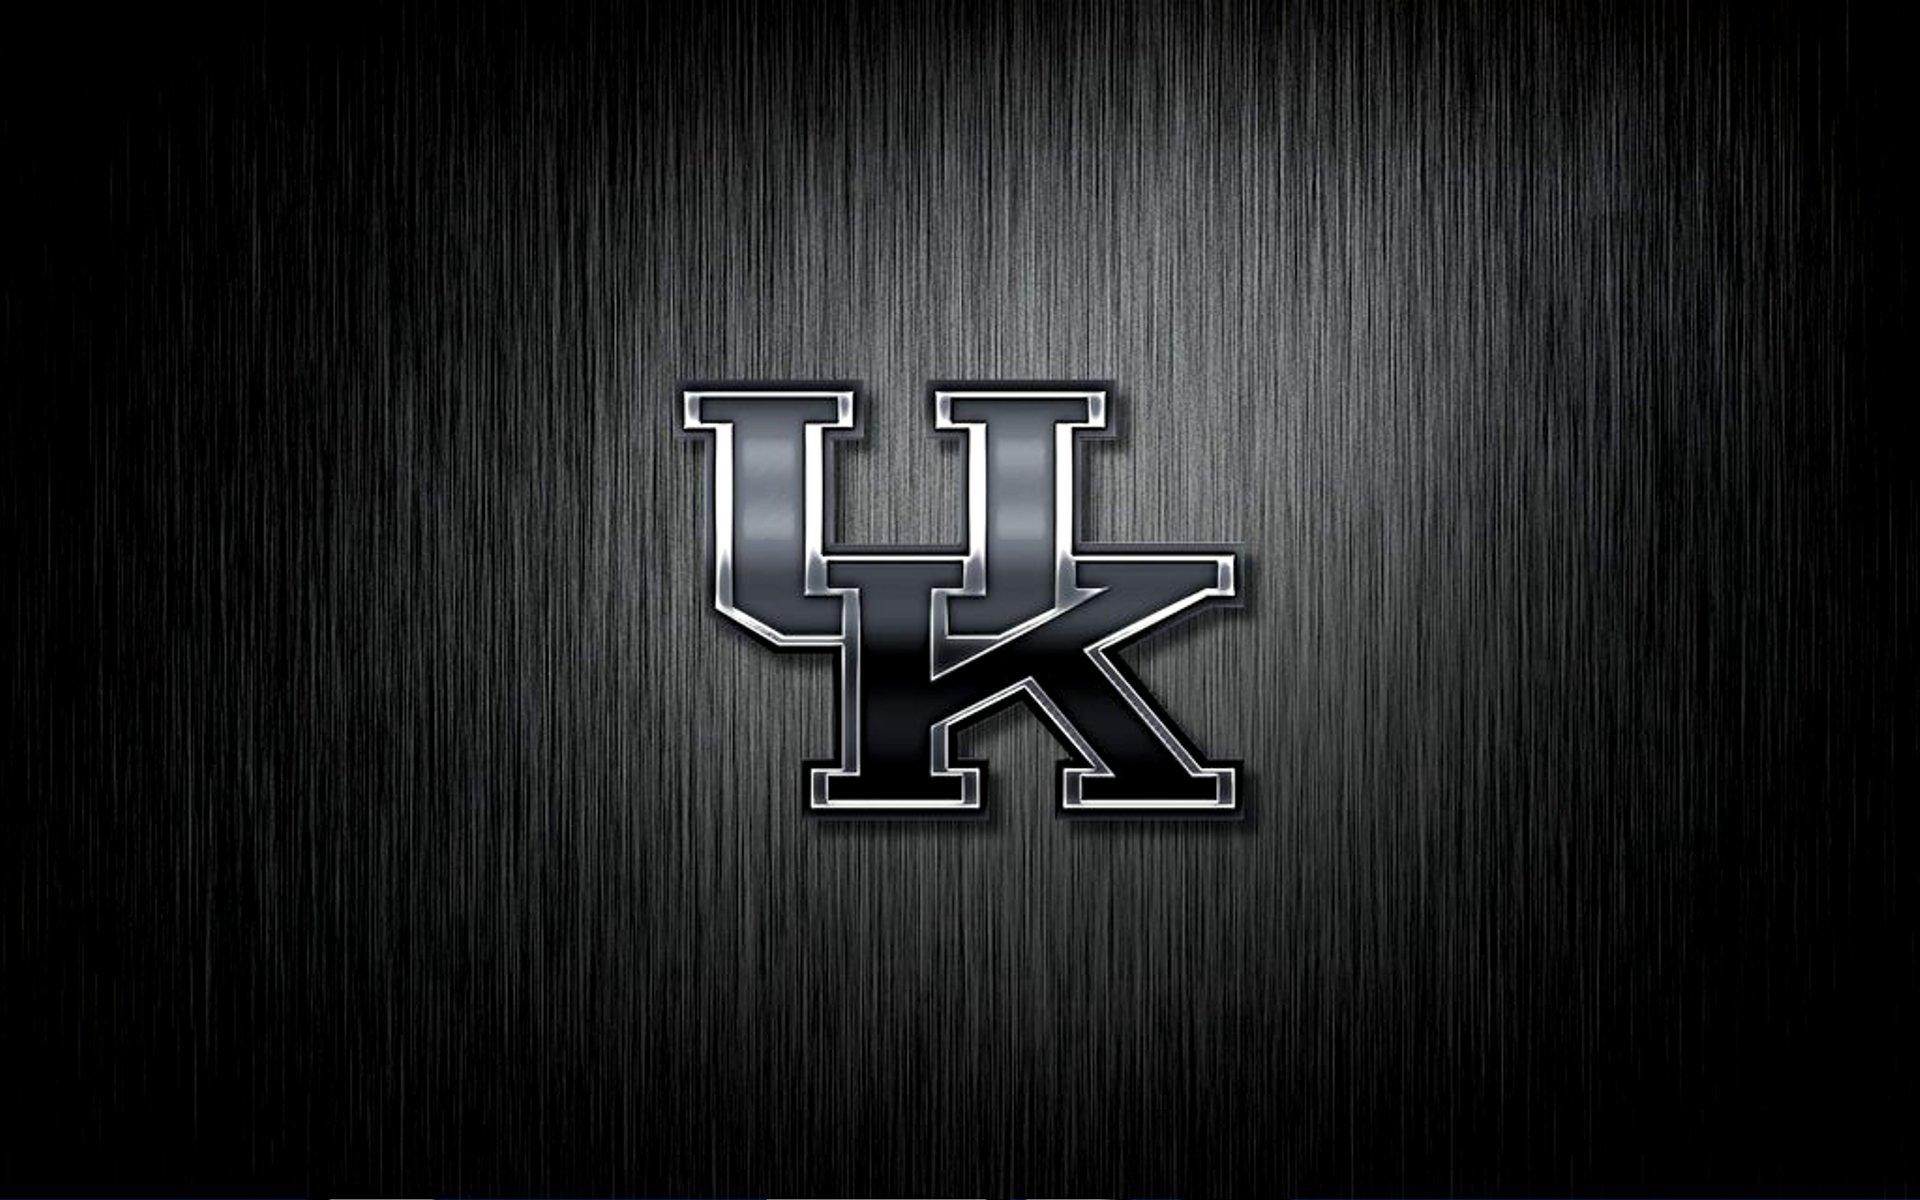 Kentucky Basketball Wallpaper | Best Cool Wallpaper HD Download